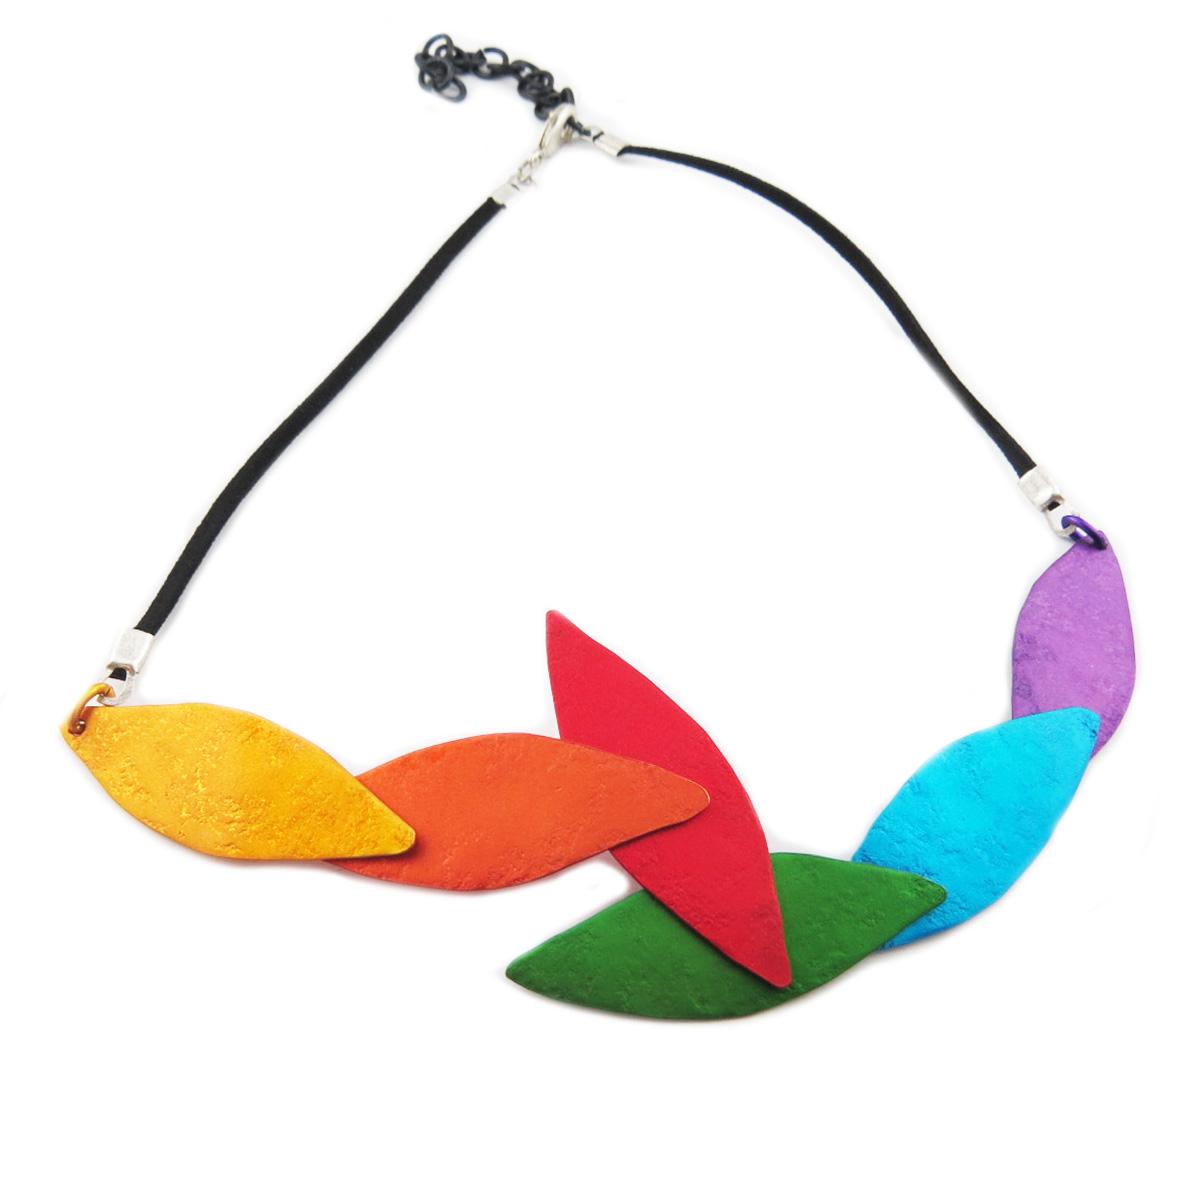 Collier artisanal \'Aluminirock\' multicolore - 15x5 cm - [R1243]